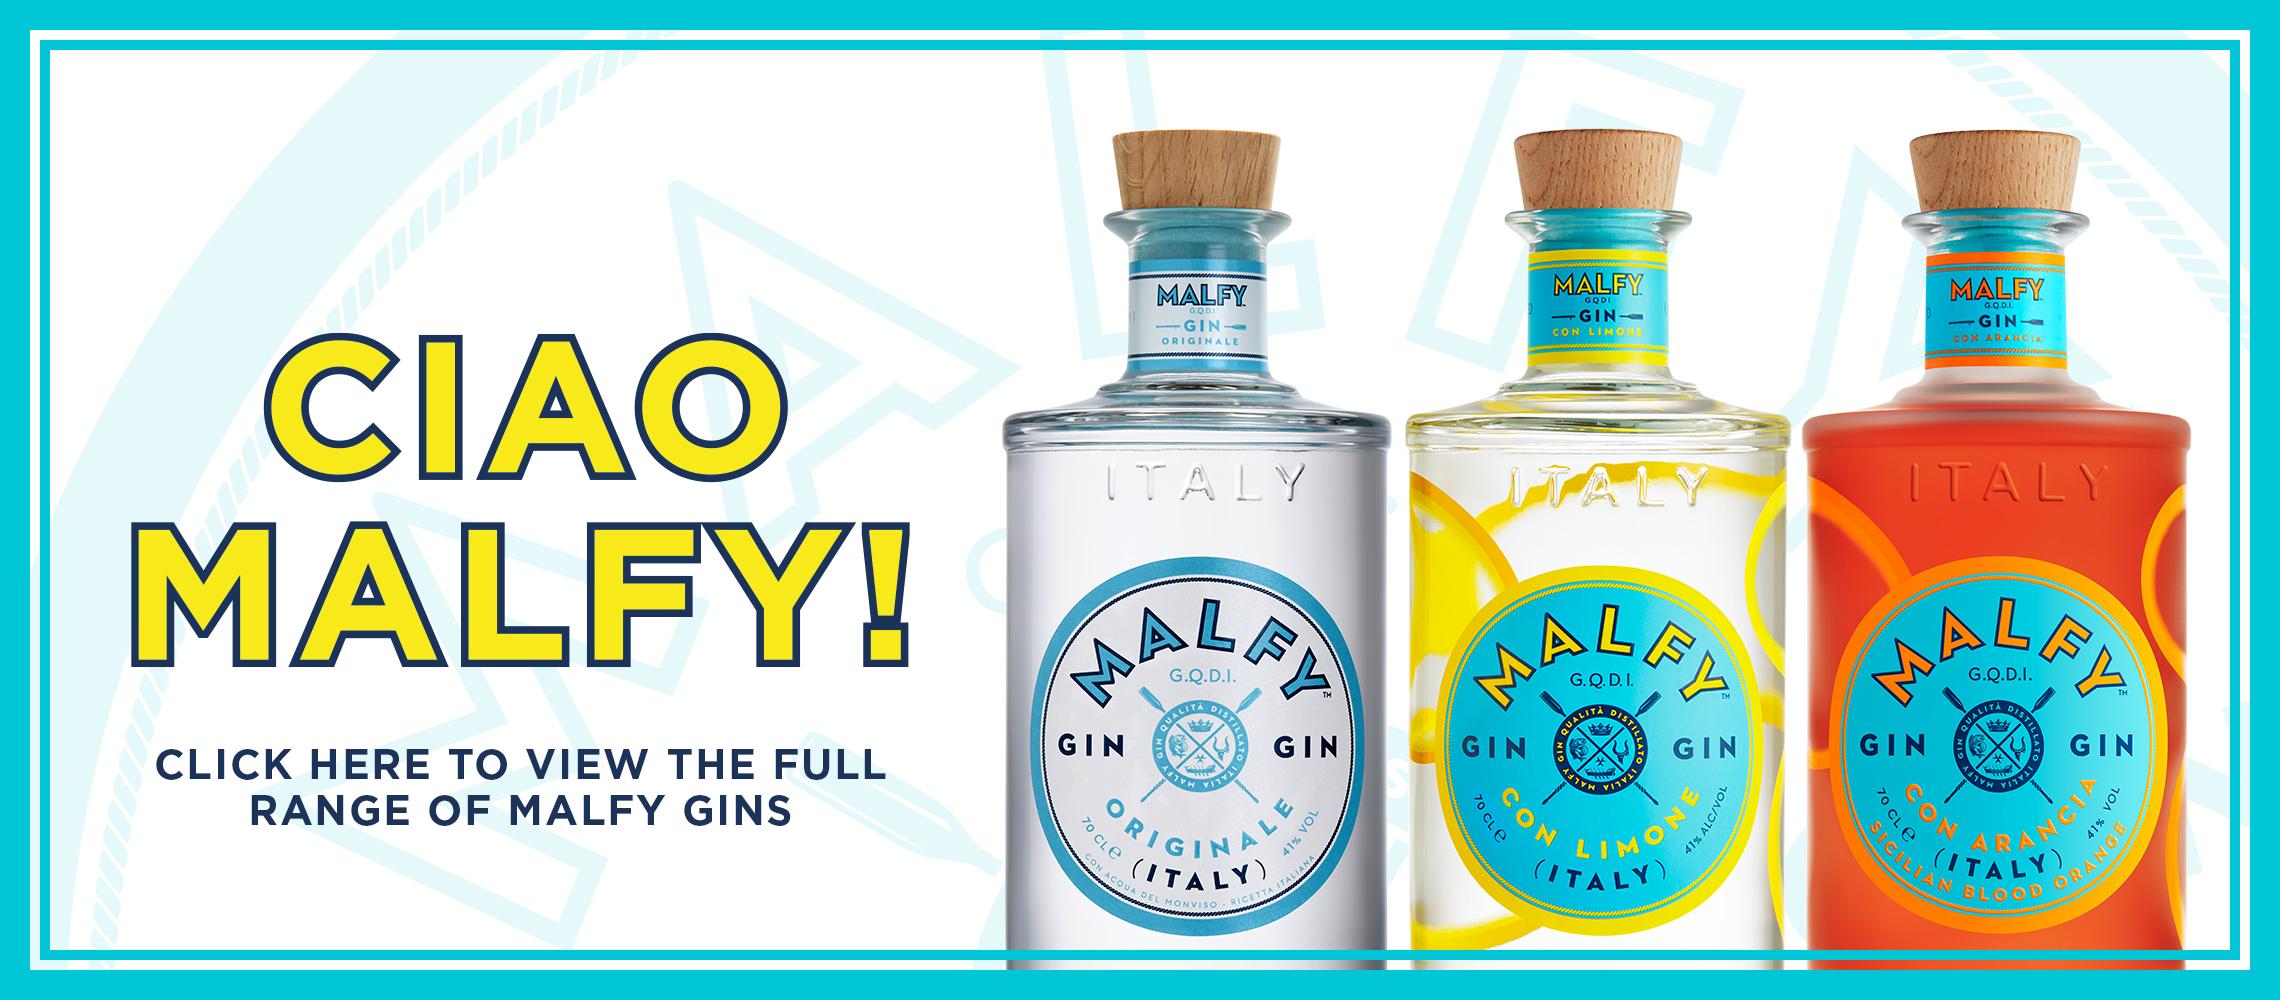 Buy the full range Malfy Gin here